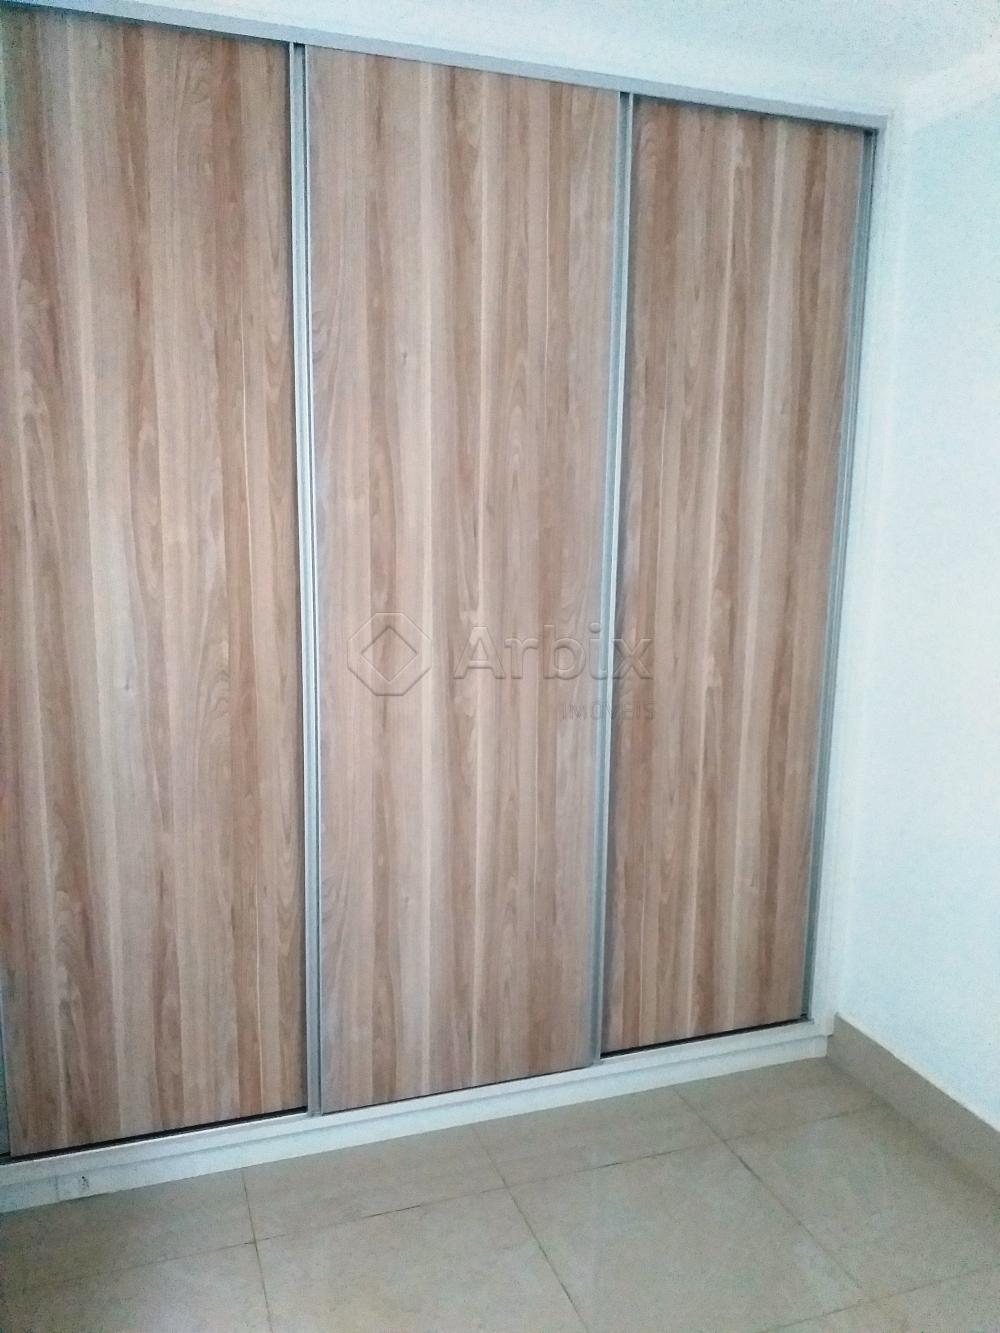 Comprar Apartamento / Padrão em Americana apenas R$ 324.000,00 - Foto 9